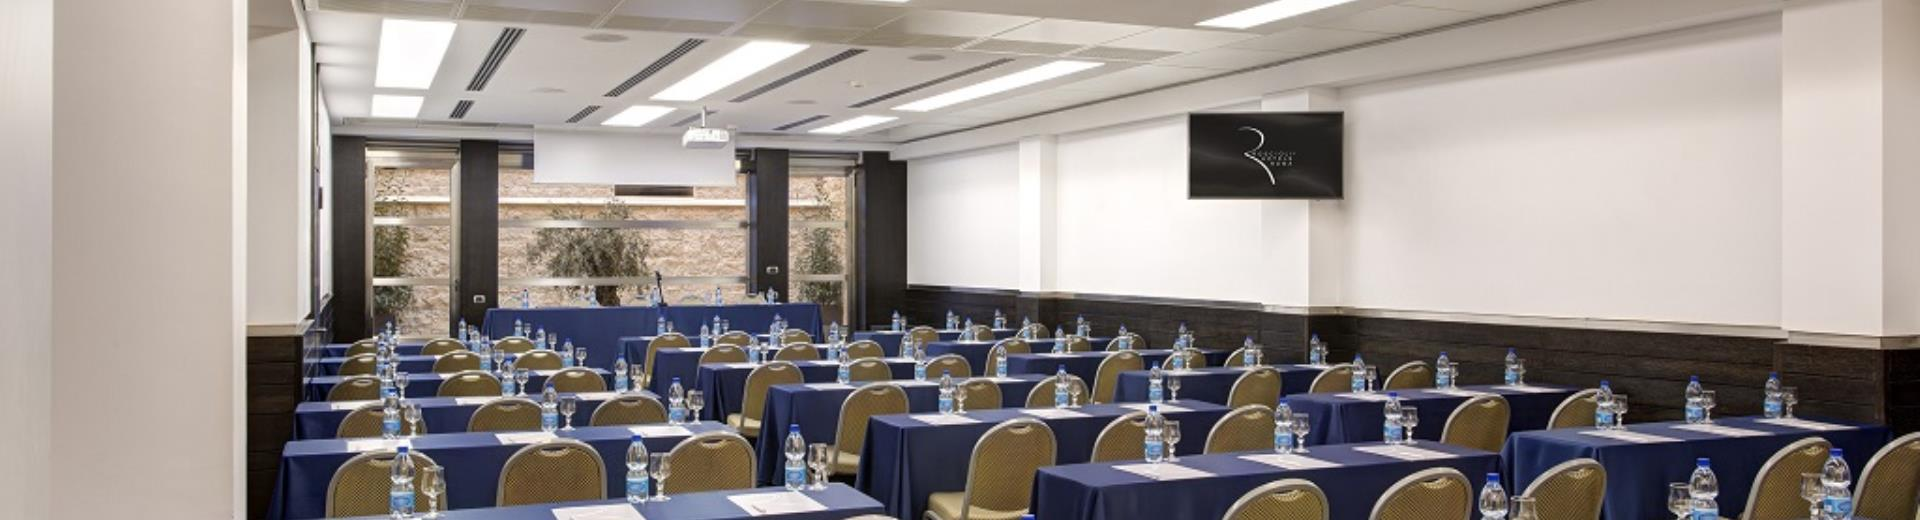 Bw plus hotel universo albergo 4 stelle in centro a roma for Hotel 4 stelle barcellona centro